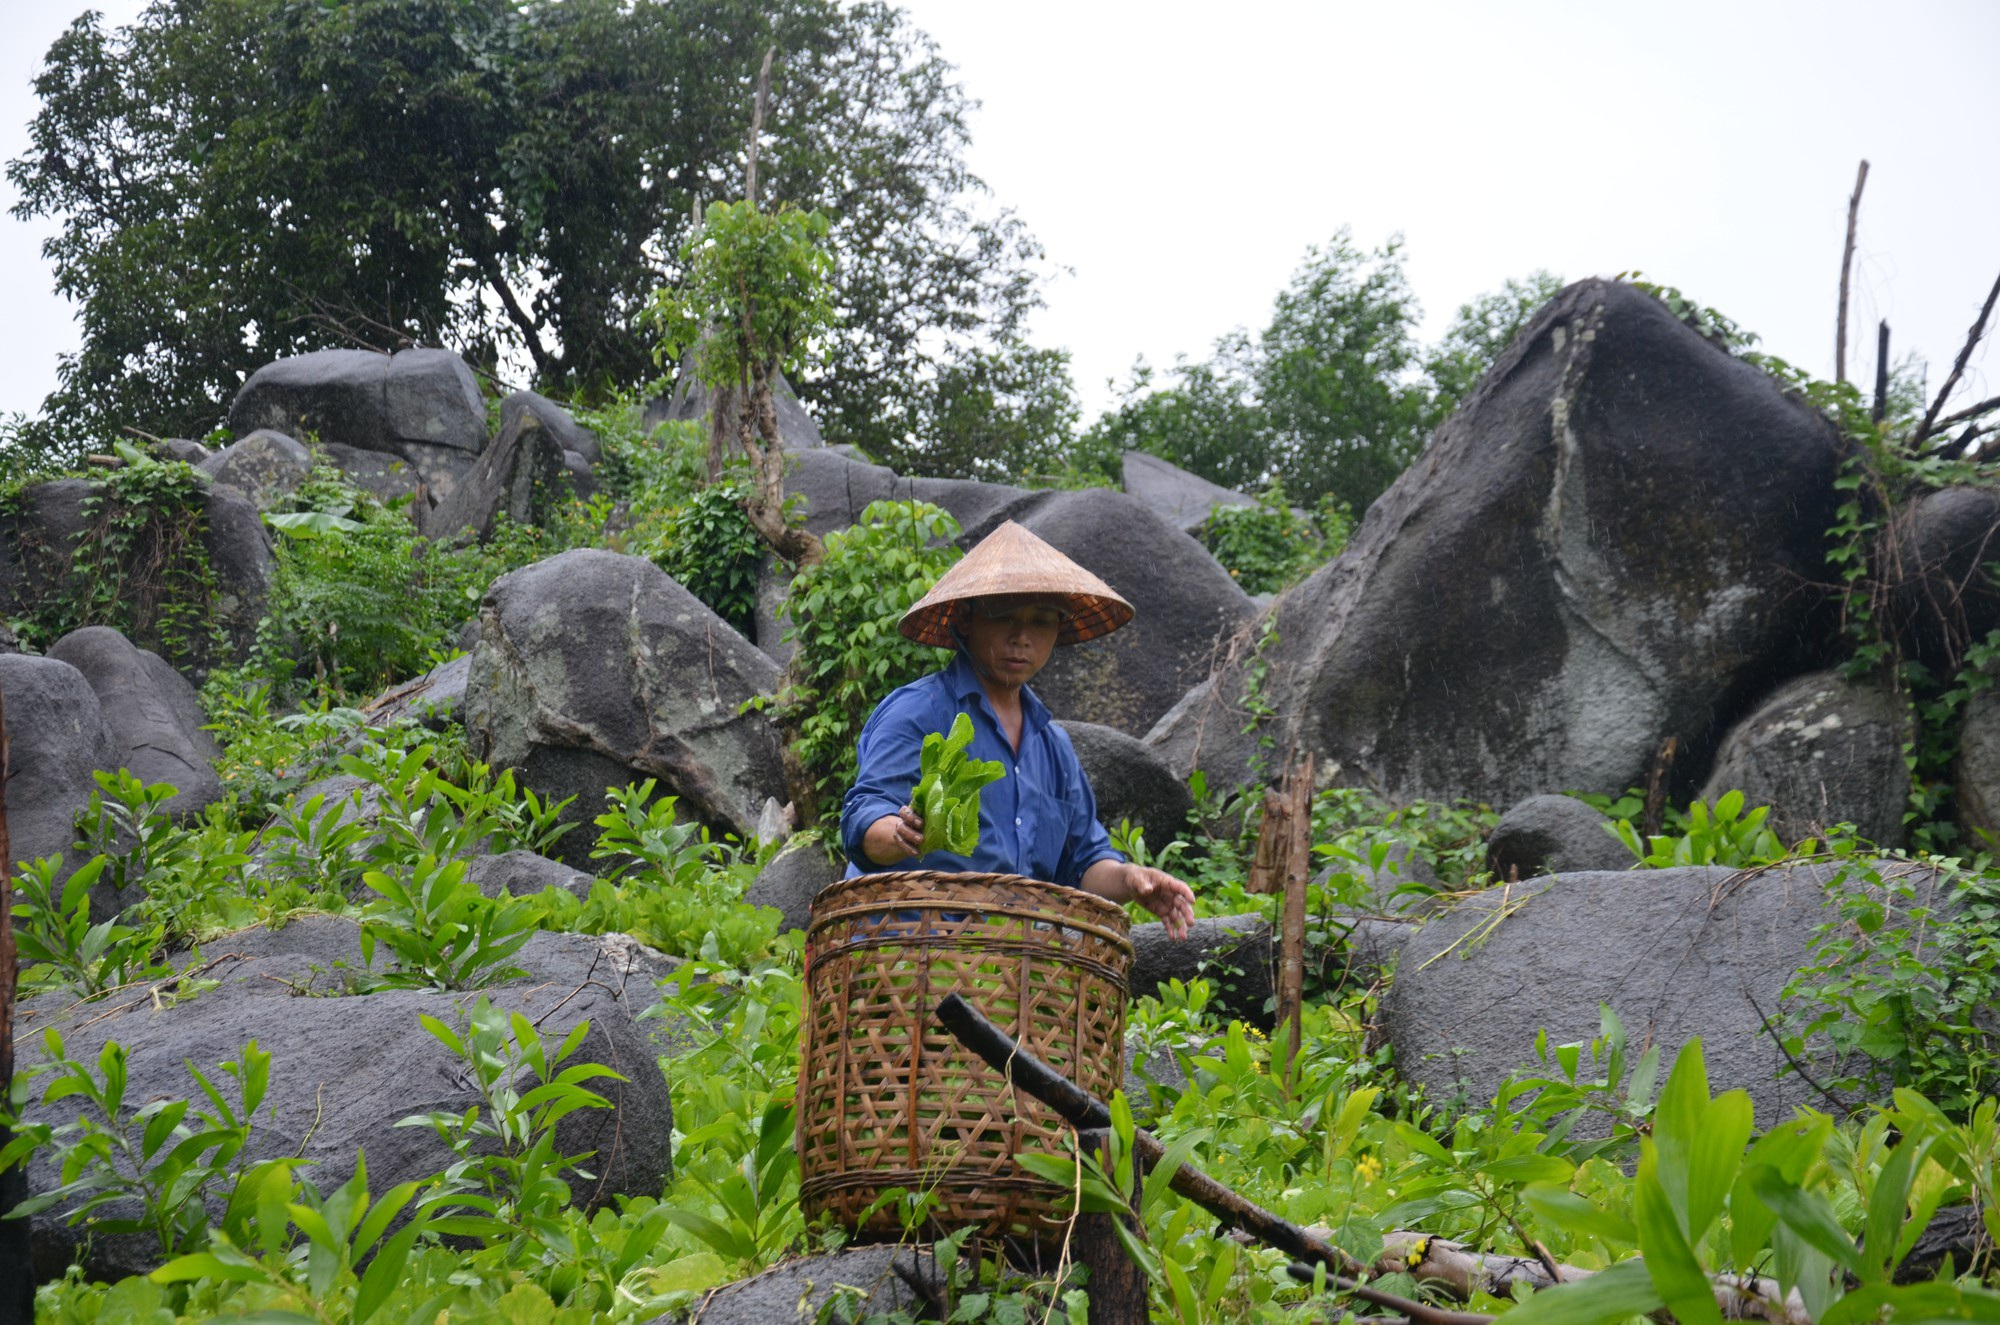 Trồng cải trên núi cao, nông dân thu nhập 400 - 500 ngàn đồng/ngày - Ảnh 4.